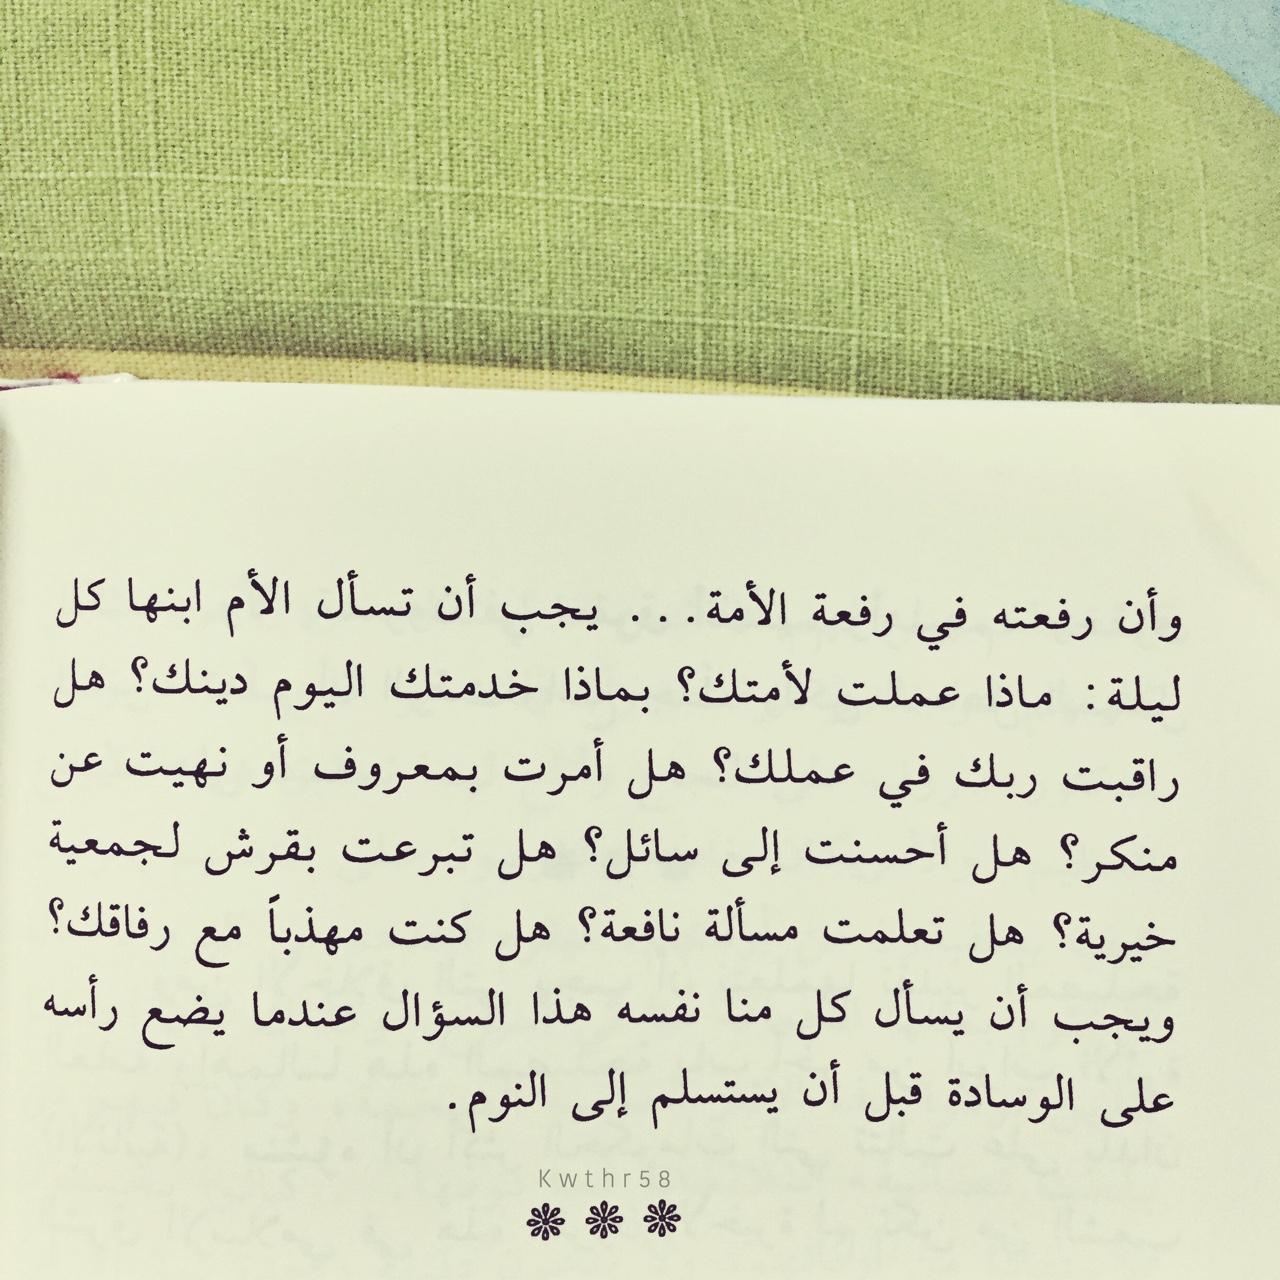 صورة كلمة عن الام ، كلام جميل في حق الام 933 3